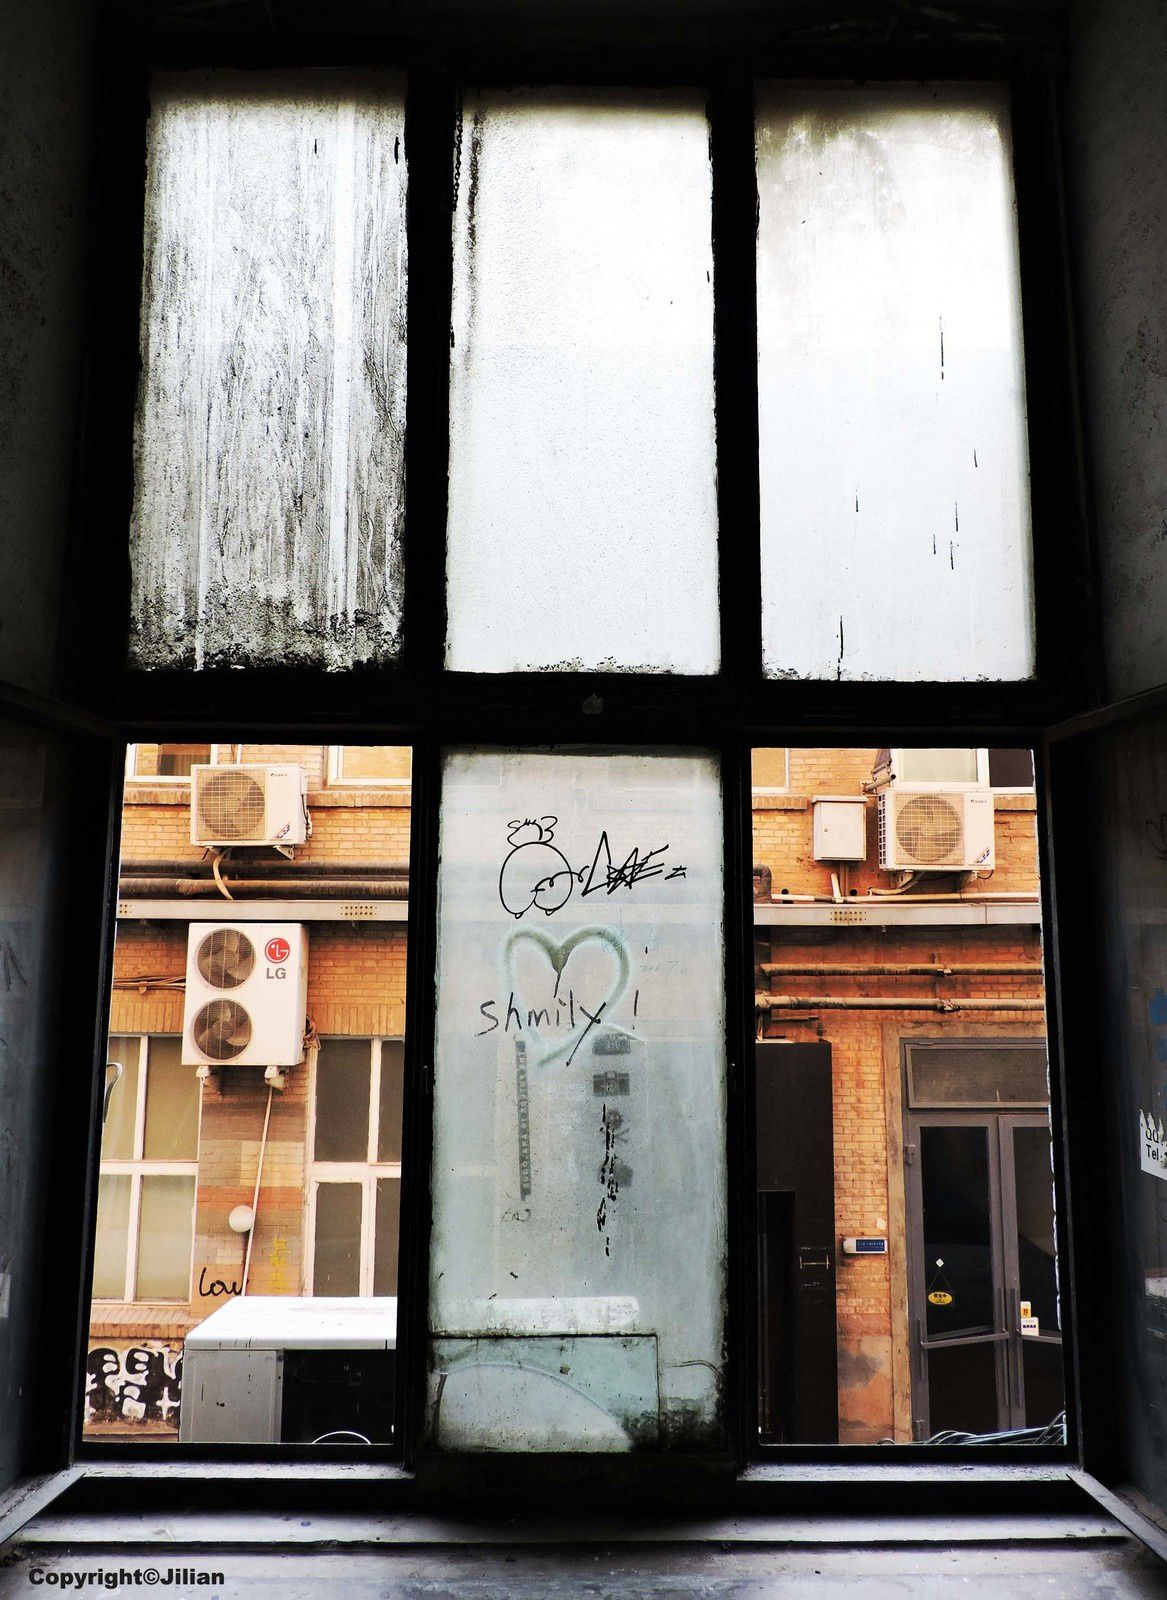 Le centre d'art de 798 à Beijing, encore et toujours - 永远的北京798 艺术中心